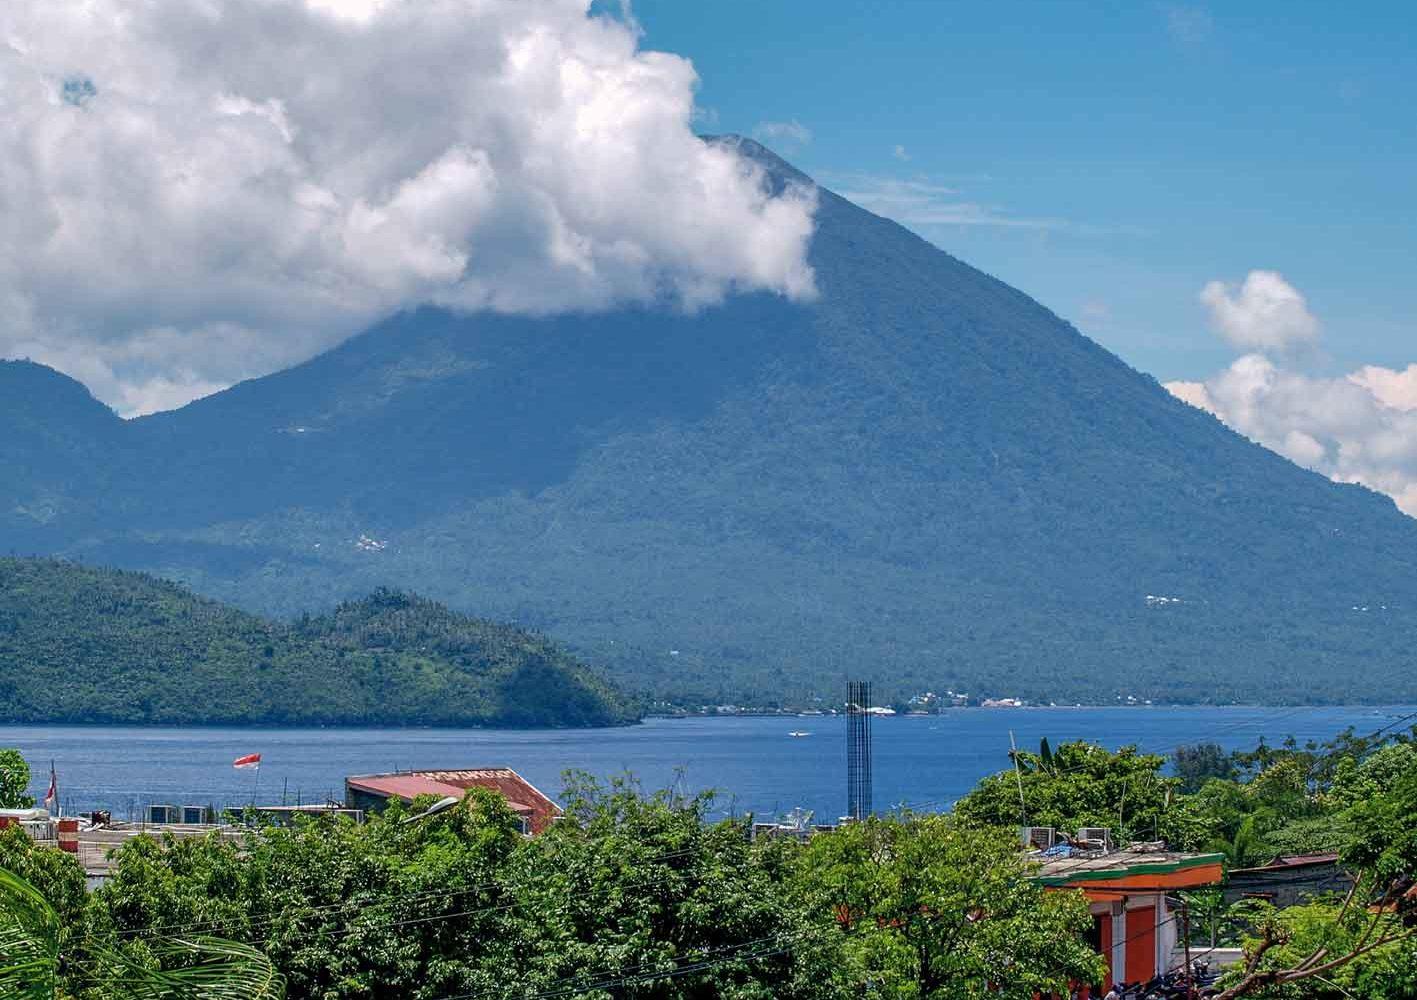 Vulkan auf den Molukken, Indonesien